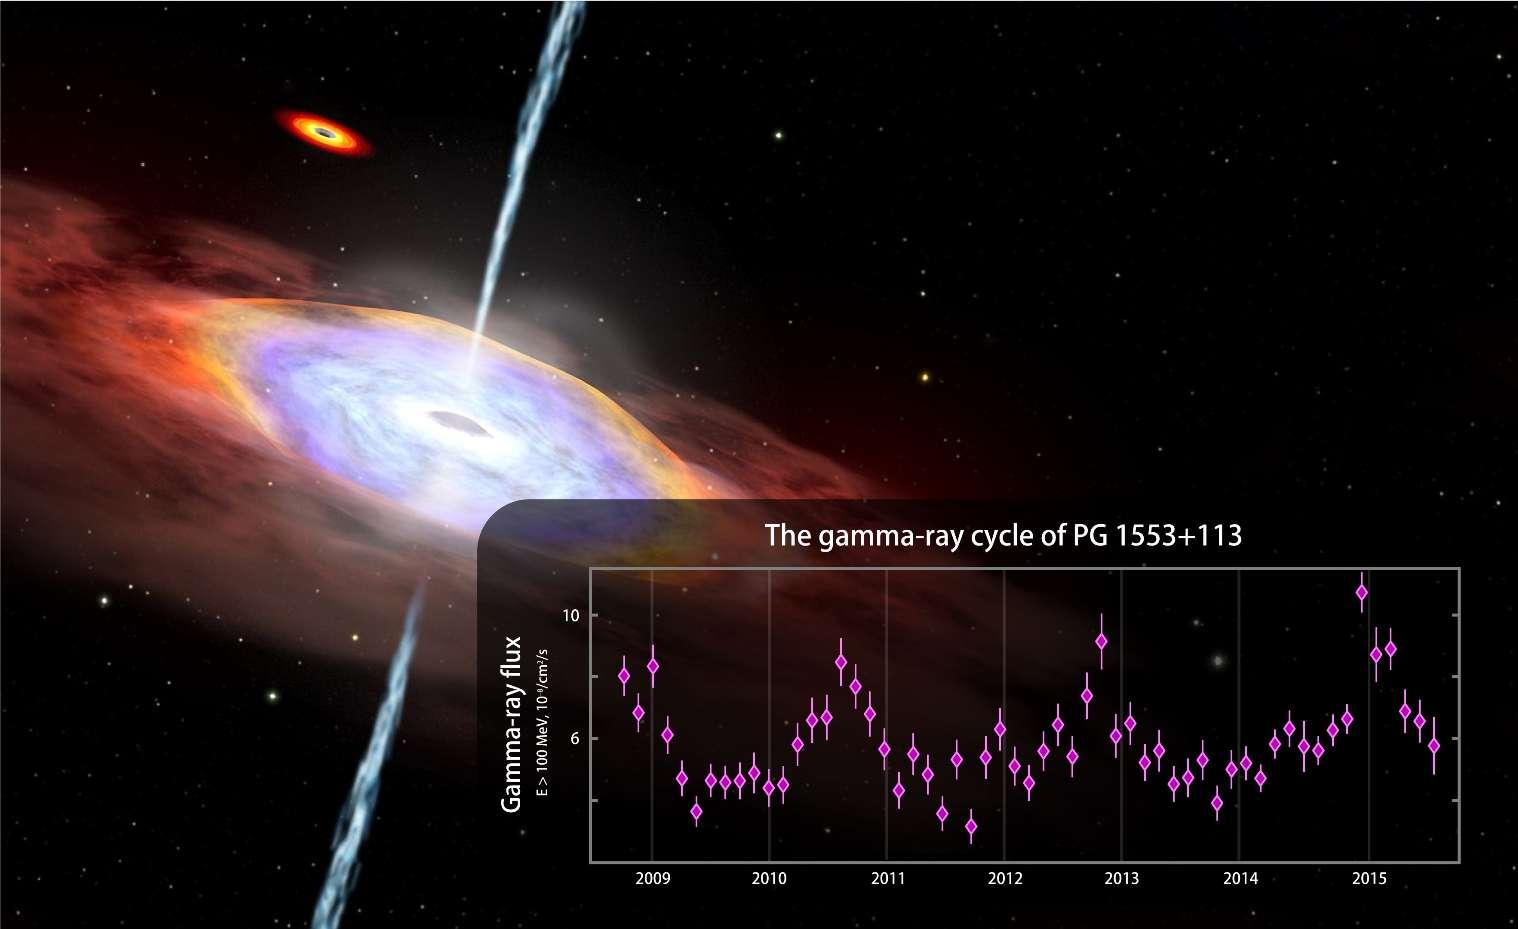 Les émissions gamma du blazar PG 155+113, ici en vue d'artiste, semblent fluctuer périodiquement. Les énergies en jeu dépasseraient 100 millions d'électrons-volts. À titre de comparaison, celle de la lumière visible est comprise entre 2 et 3 électrons-volts. Une explication possible est une oscillation du jet induite par l'attraction gravitationnelle d'un second trou noir massif, représenté en haut à gauche. © Nasa's Goddard Space Flight Center, CI Lab